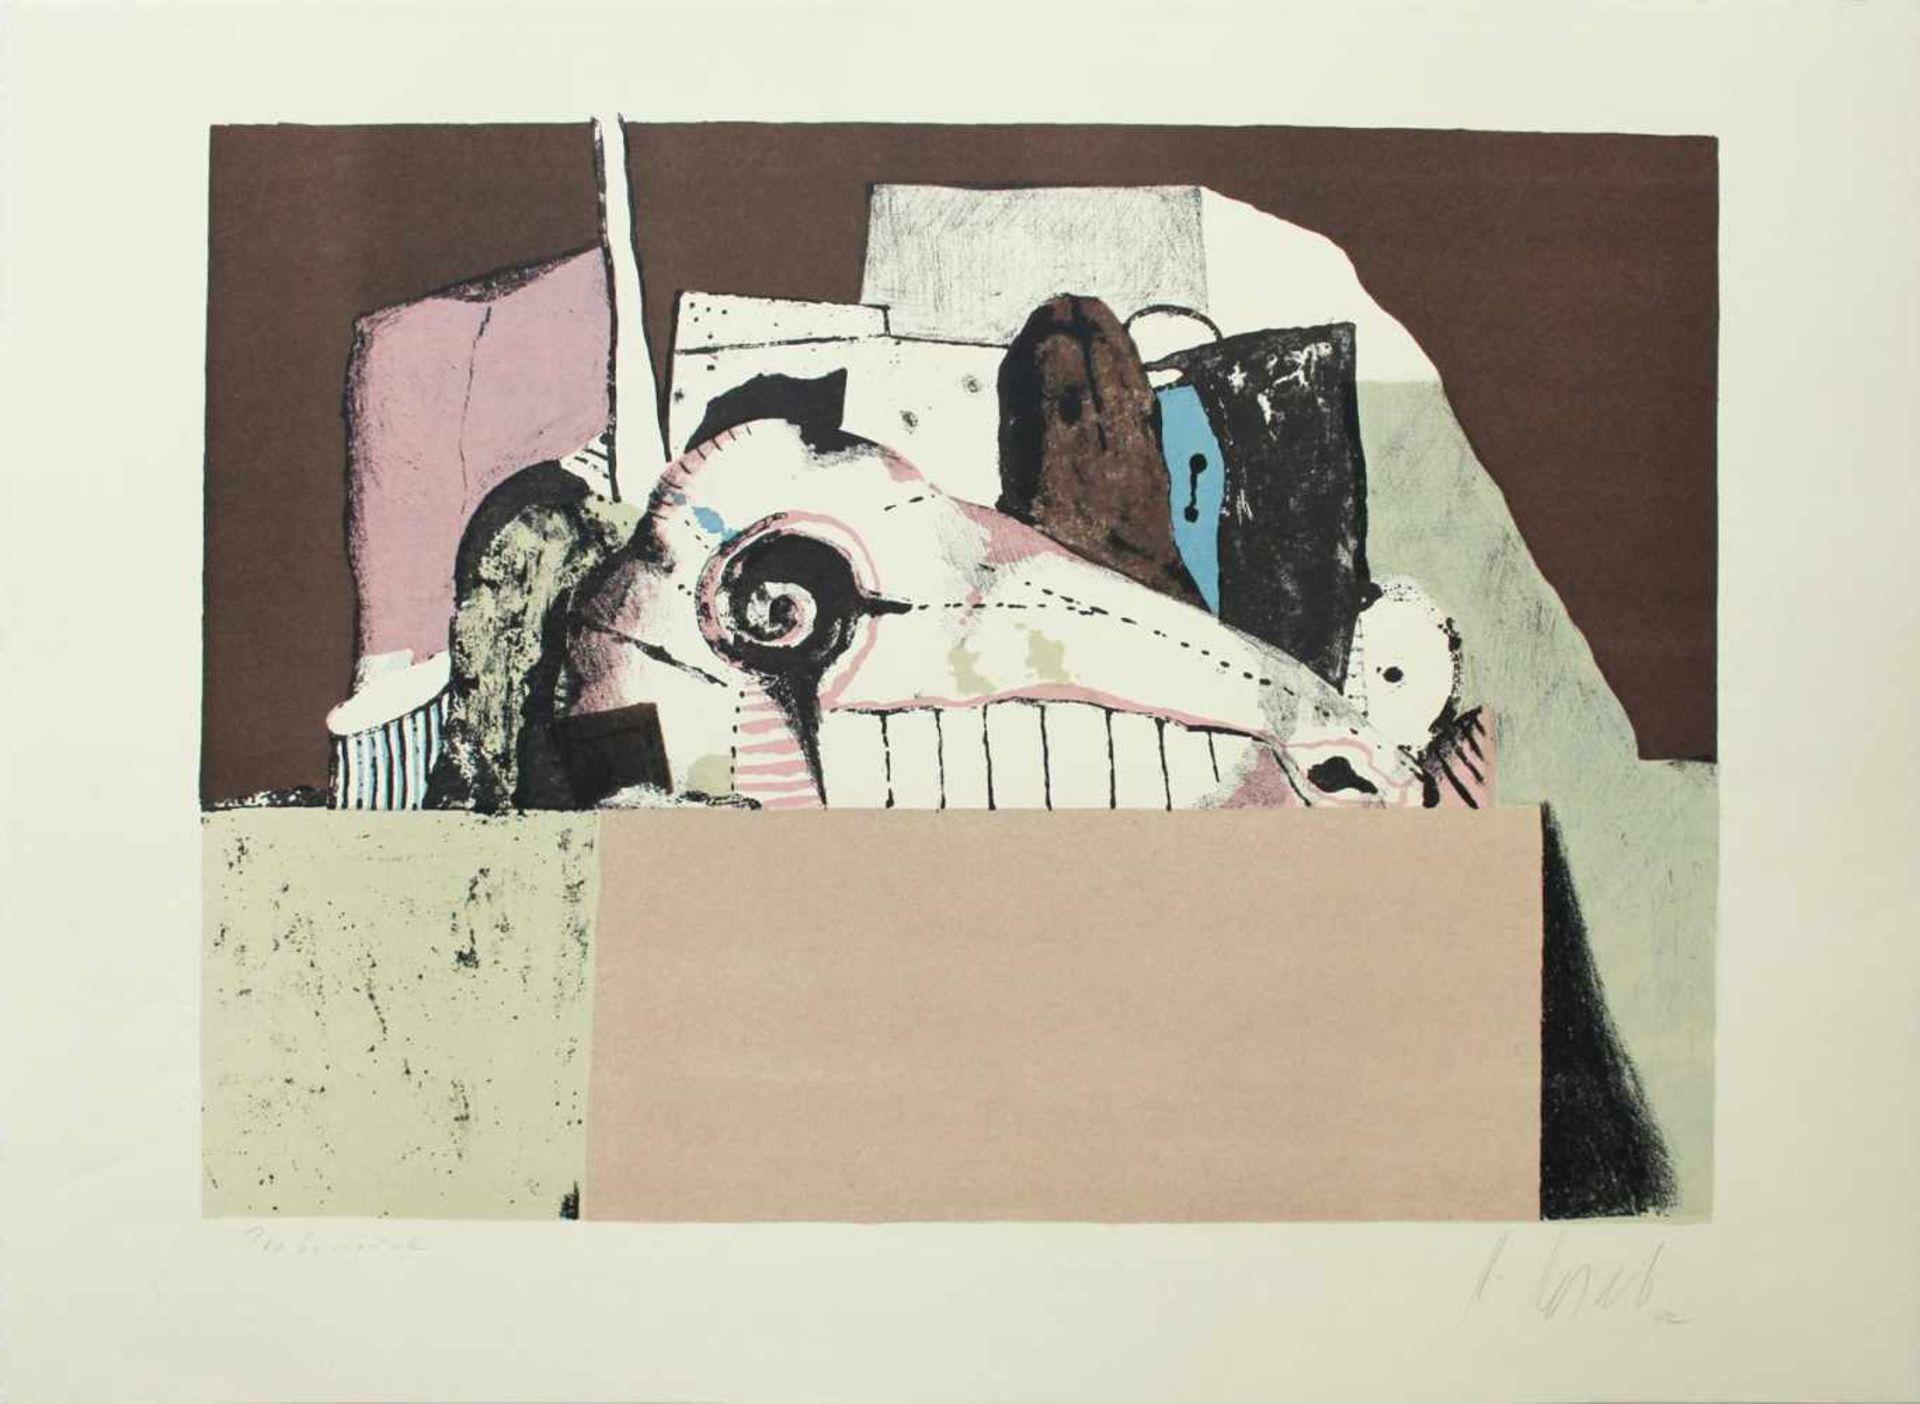 Karl Korab geb. 1937 o.T. 1972 Farblithographie handsigniert, Probedruck 45 x 62,5 cm